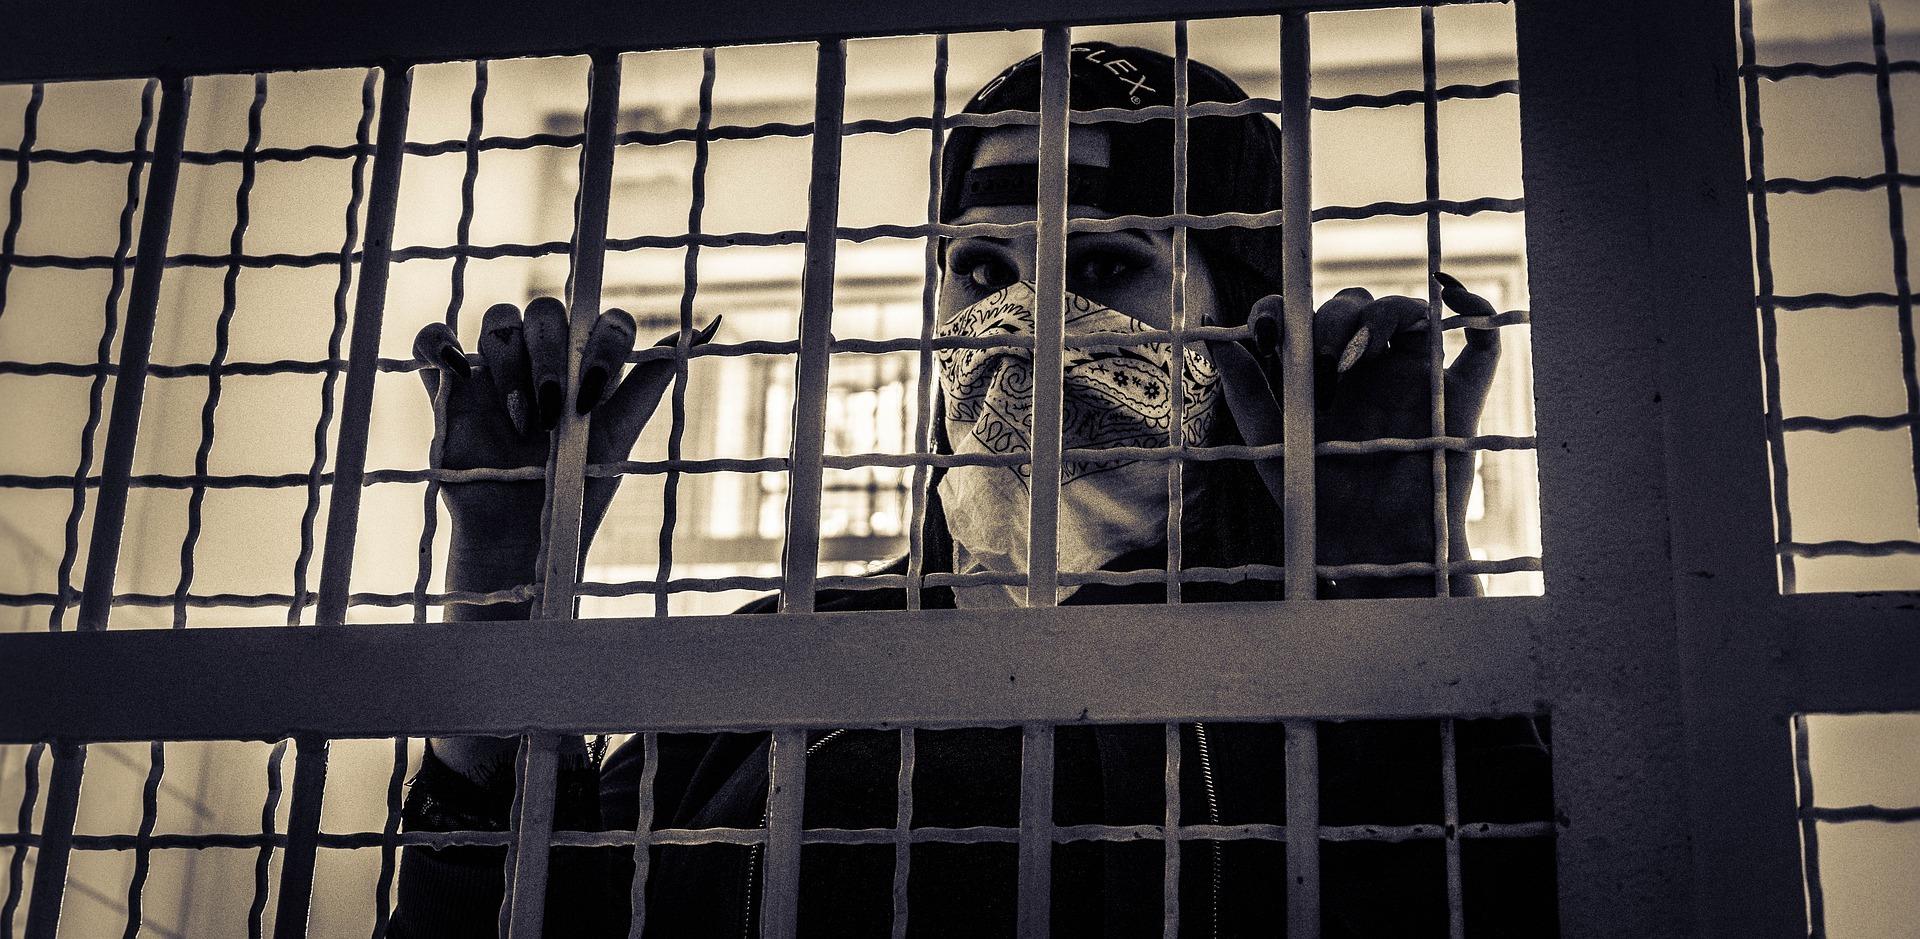 Extradition en Italie et violation des droits de l'homme